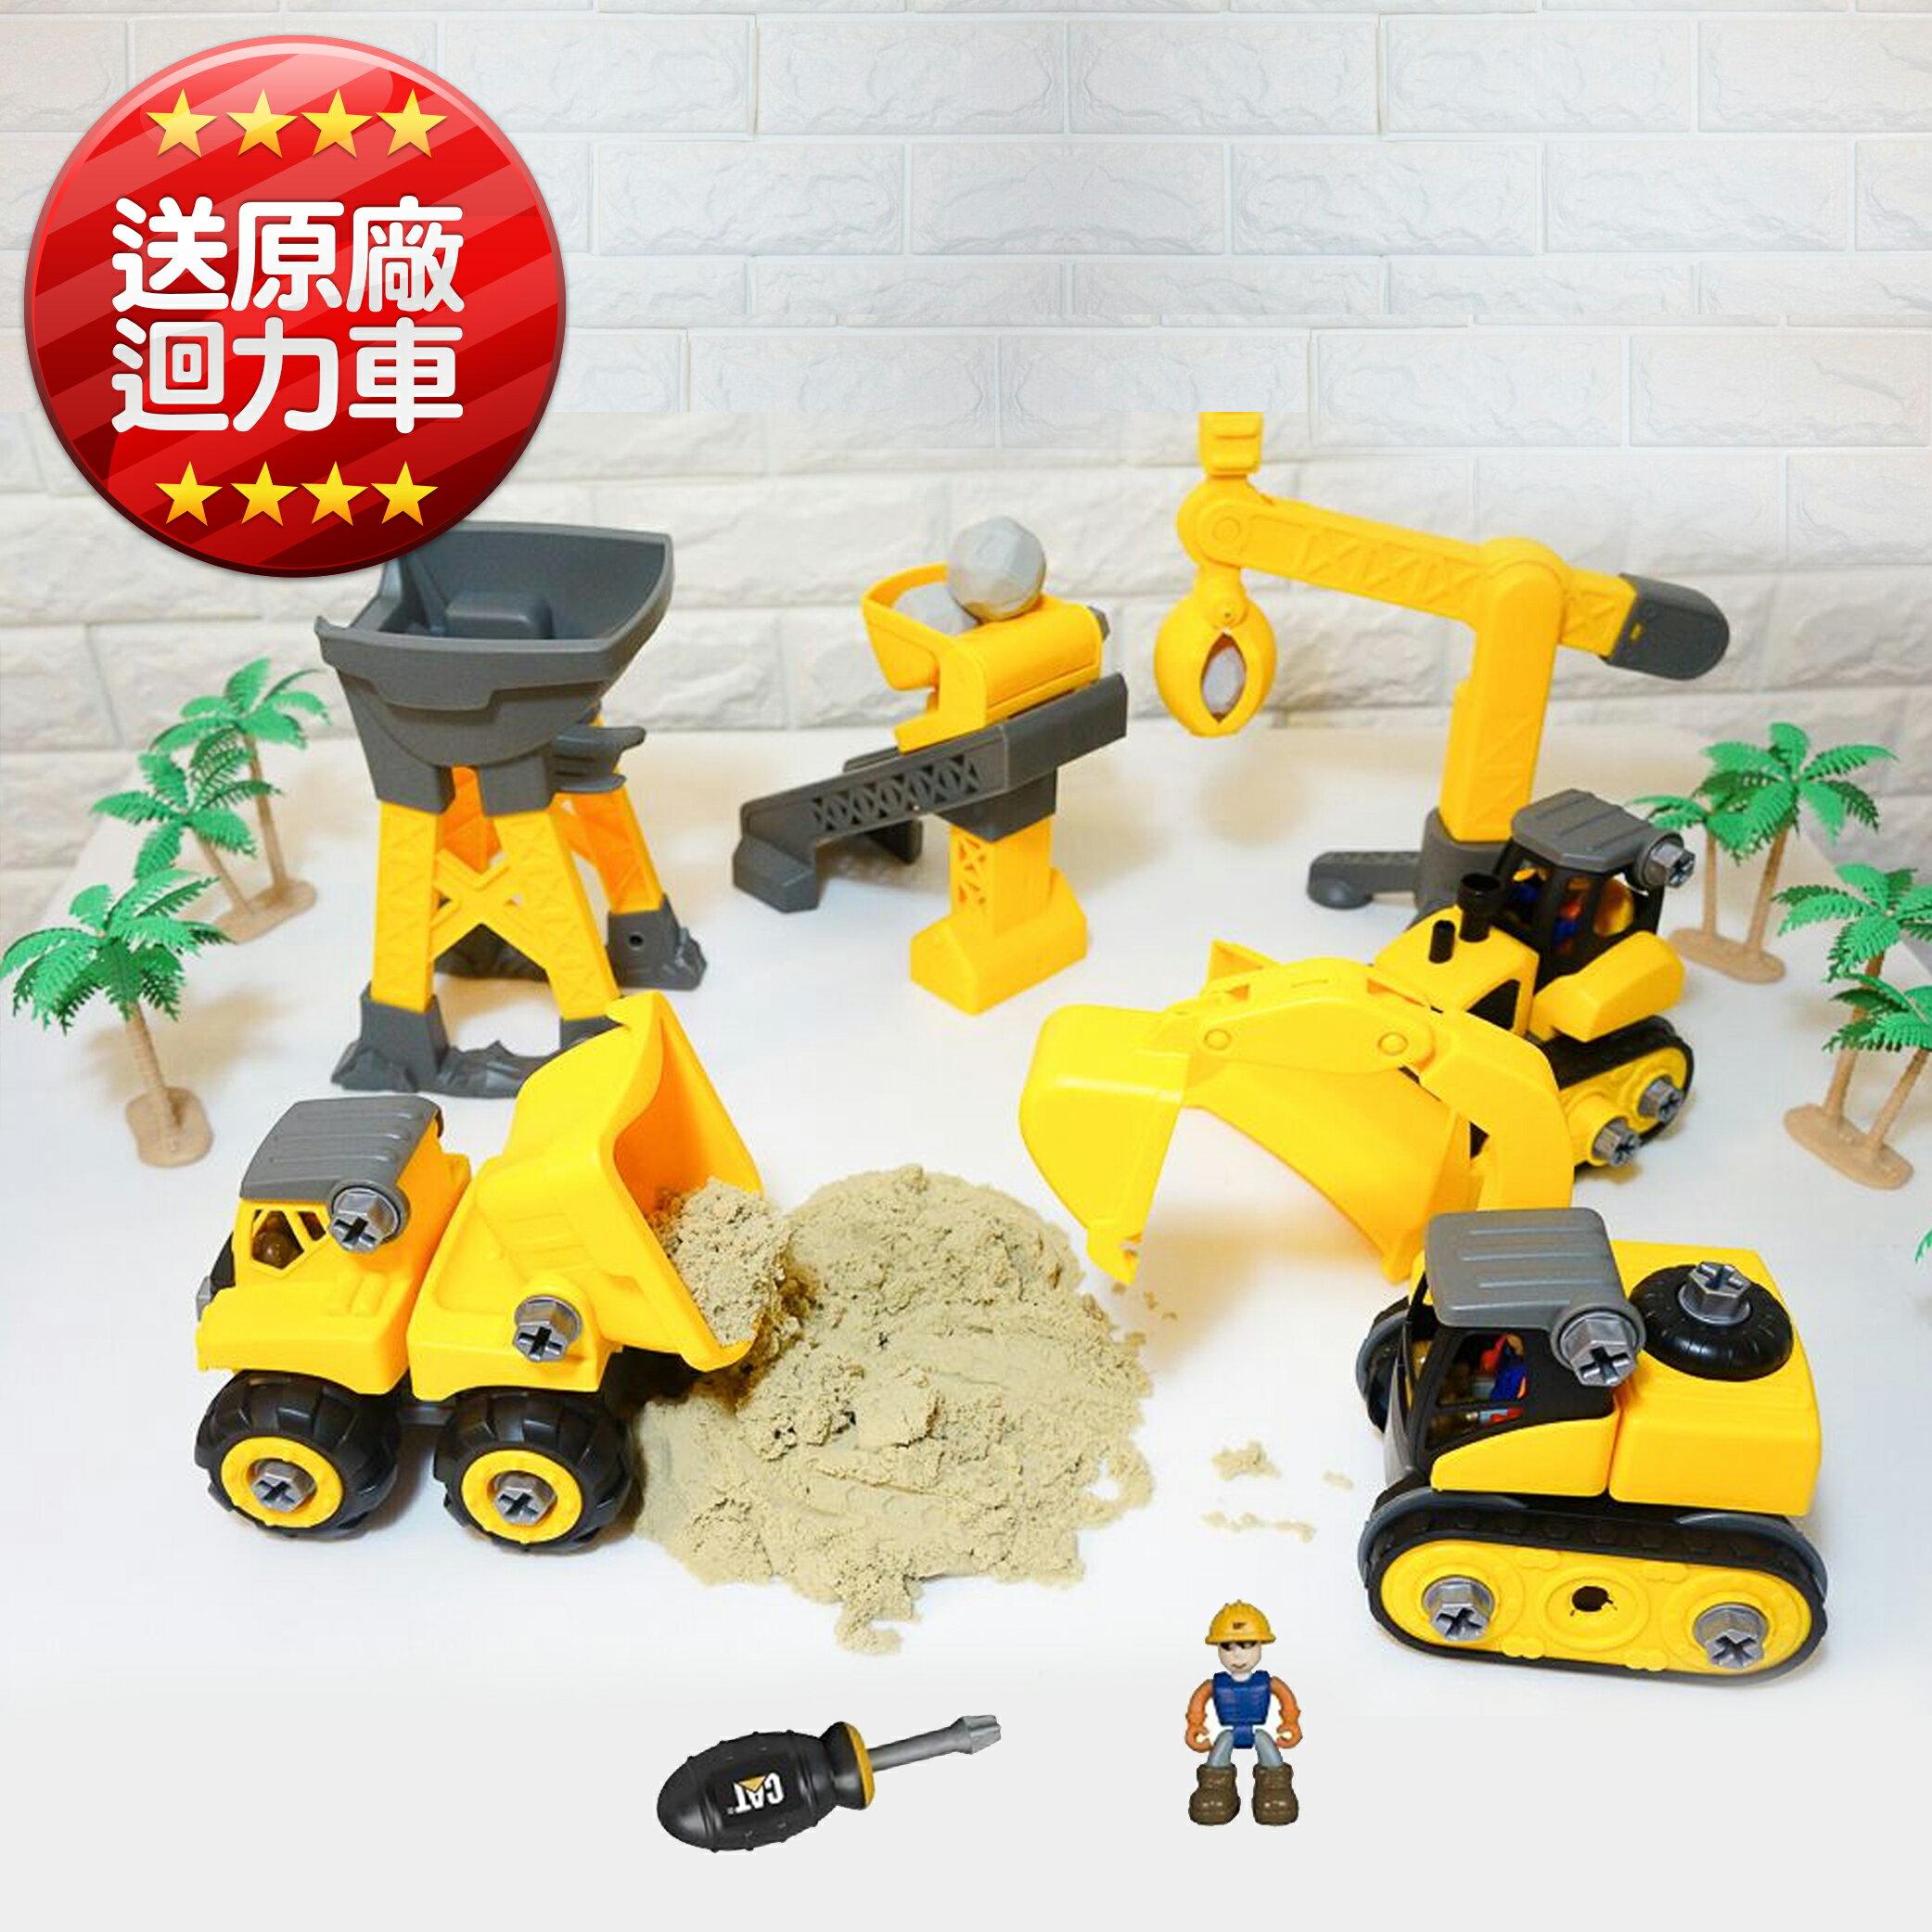 【限量20組】可自己組裝的 CAT 6吋工程車機具組 (砂石車+推土機+挖土機) 訂購再送 原廠授權小車一台 (隨機) -> FB 姚小鳳